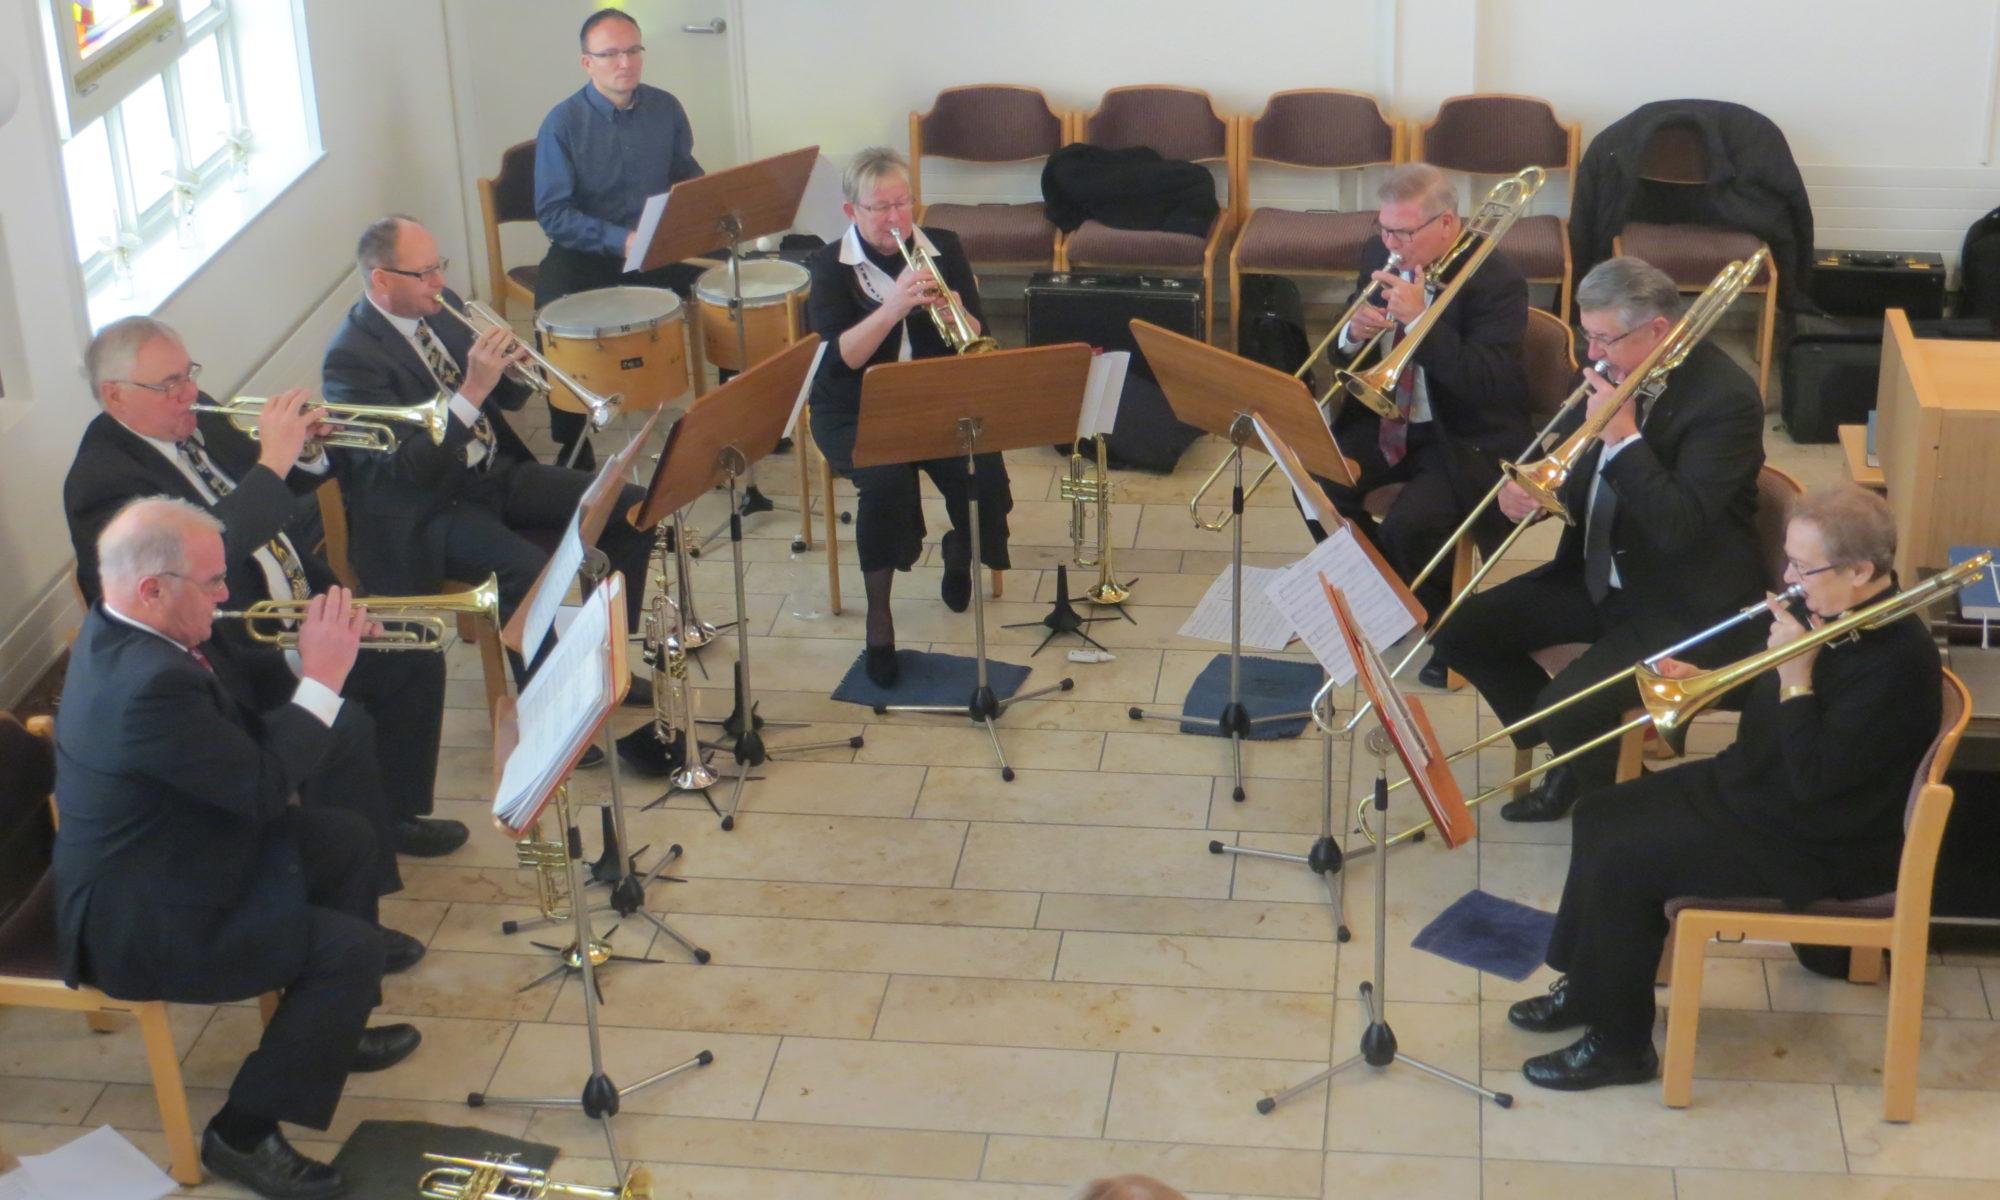 Die Zofinger Turmbläser bei ihrem Auftritt in der Kirche Ruhbank